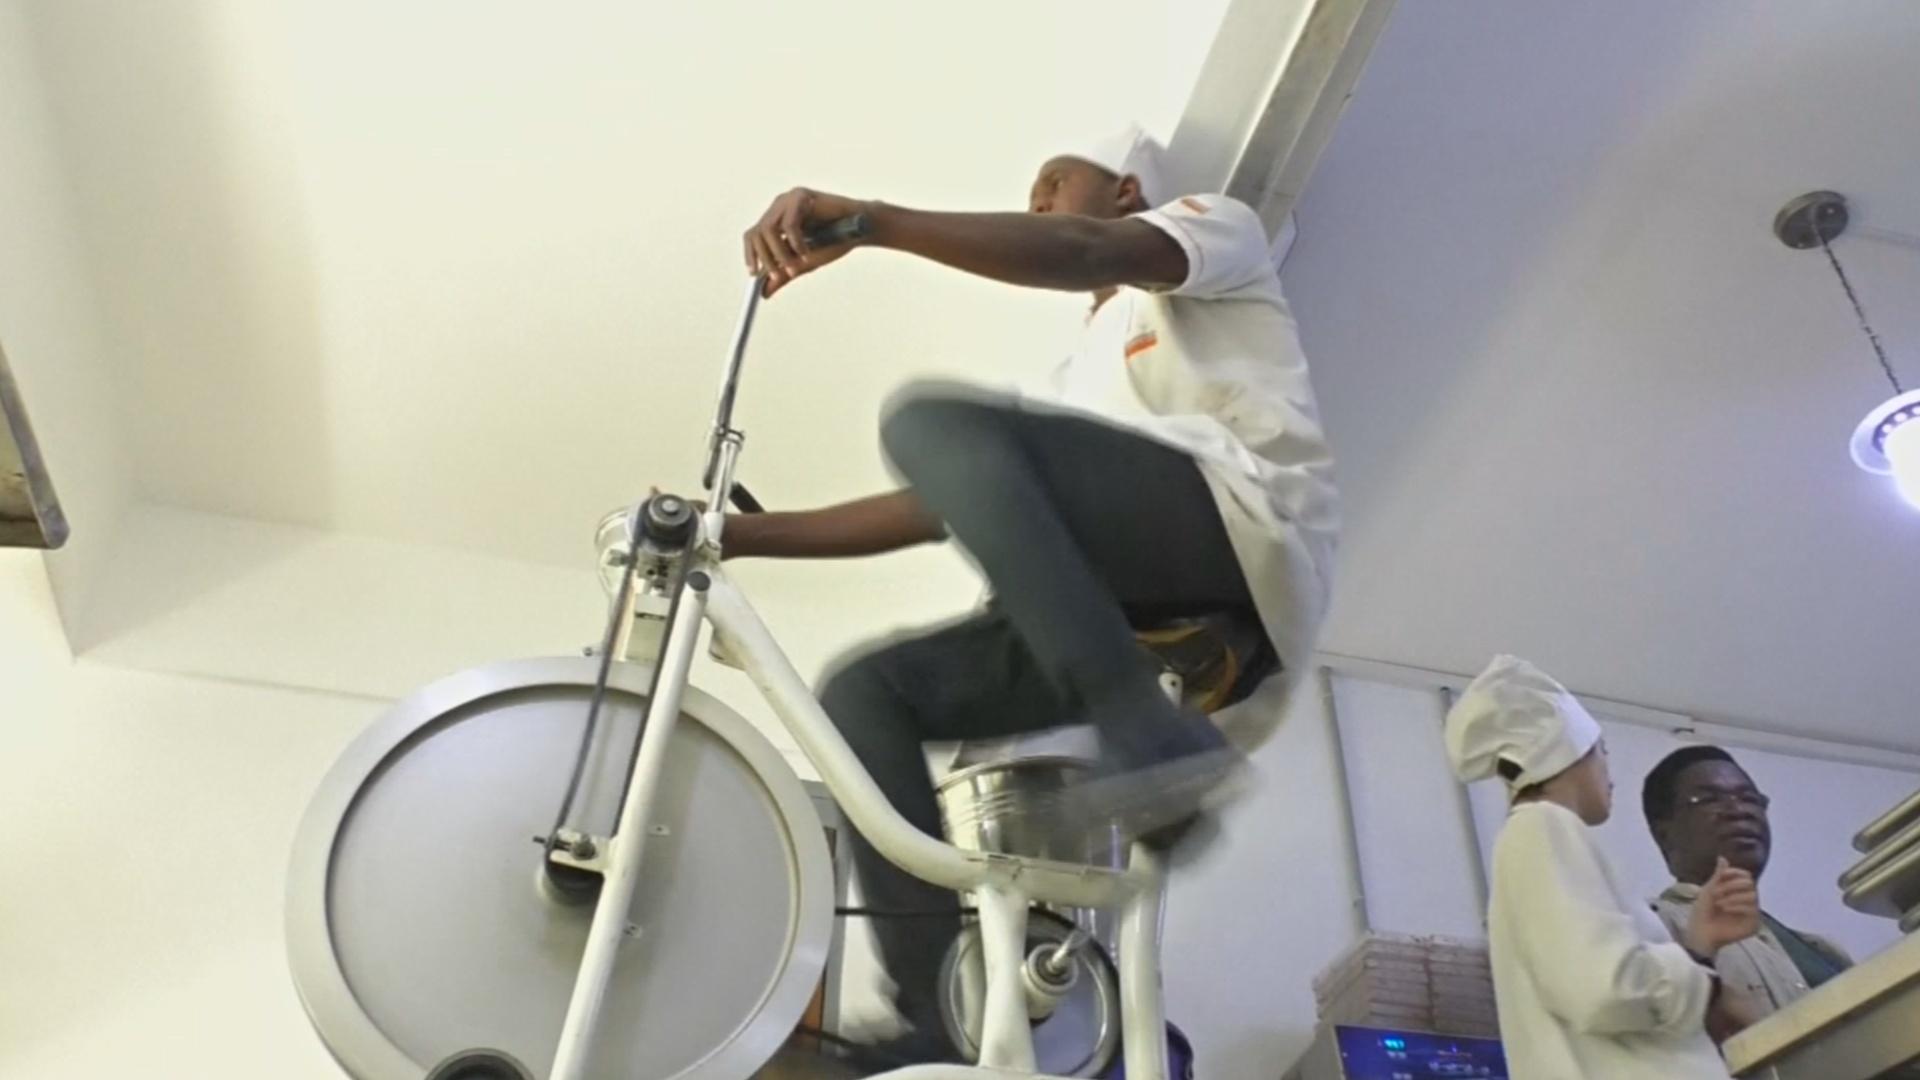 Шоколадная фабрика в Кот-д'Ивуаре «вооружилась» велосипедом